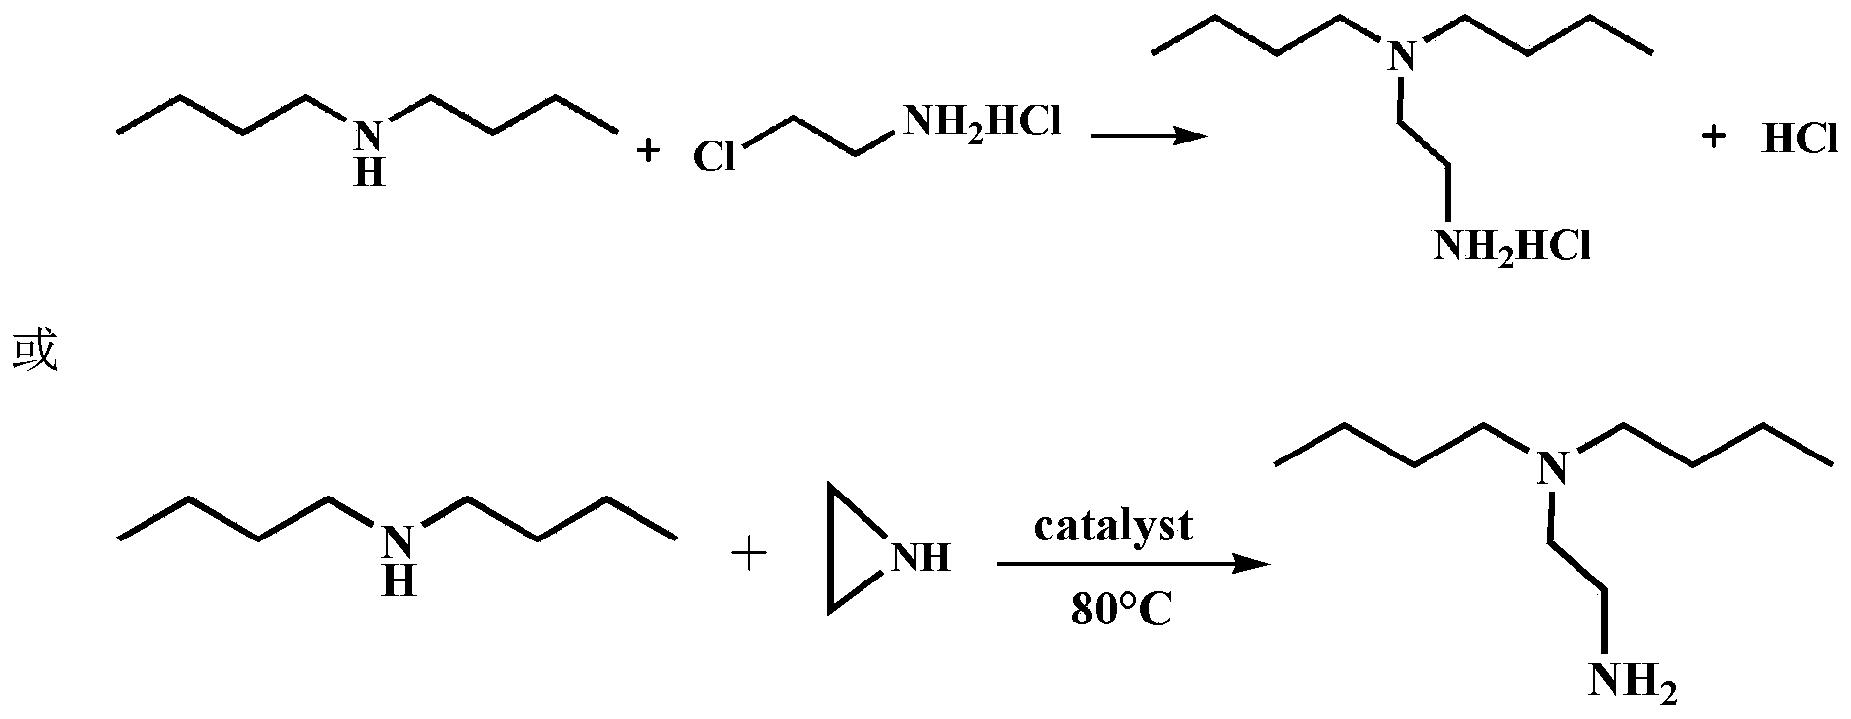 Figure PCTCN2019107412-appb-000007